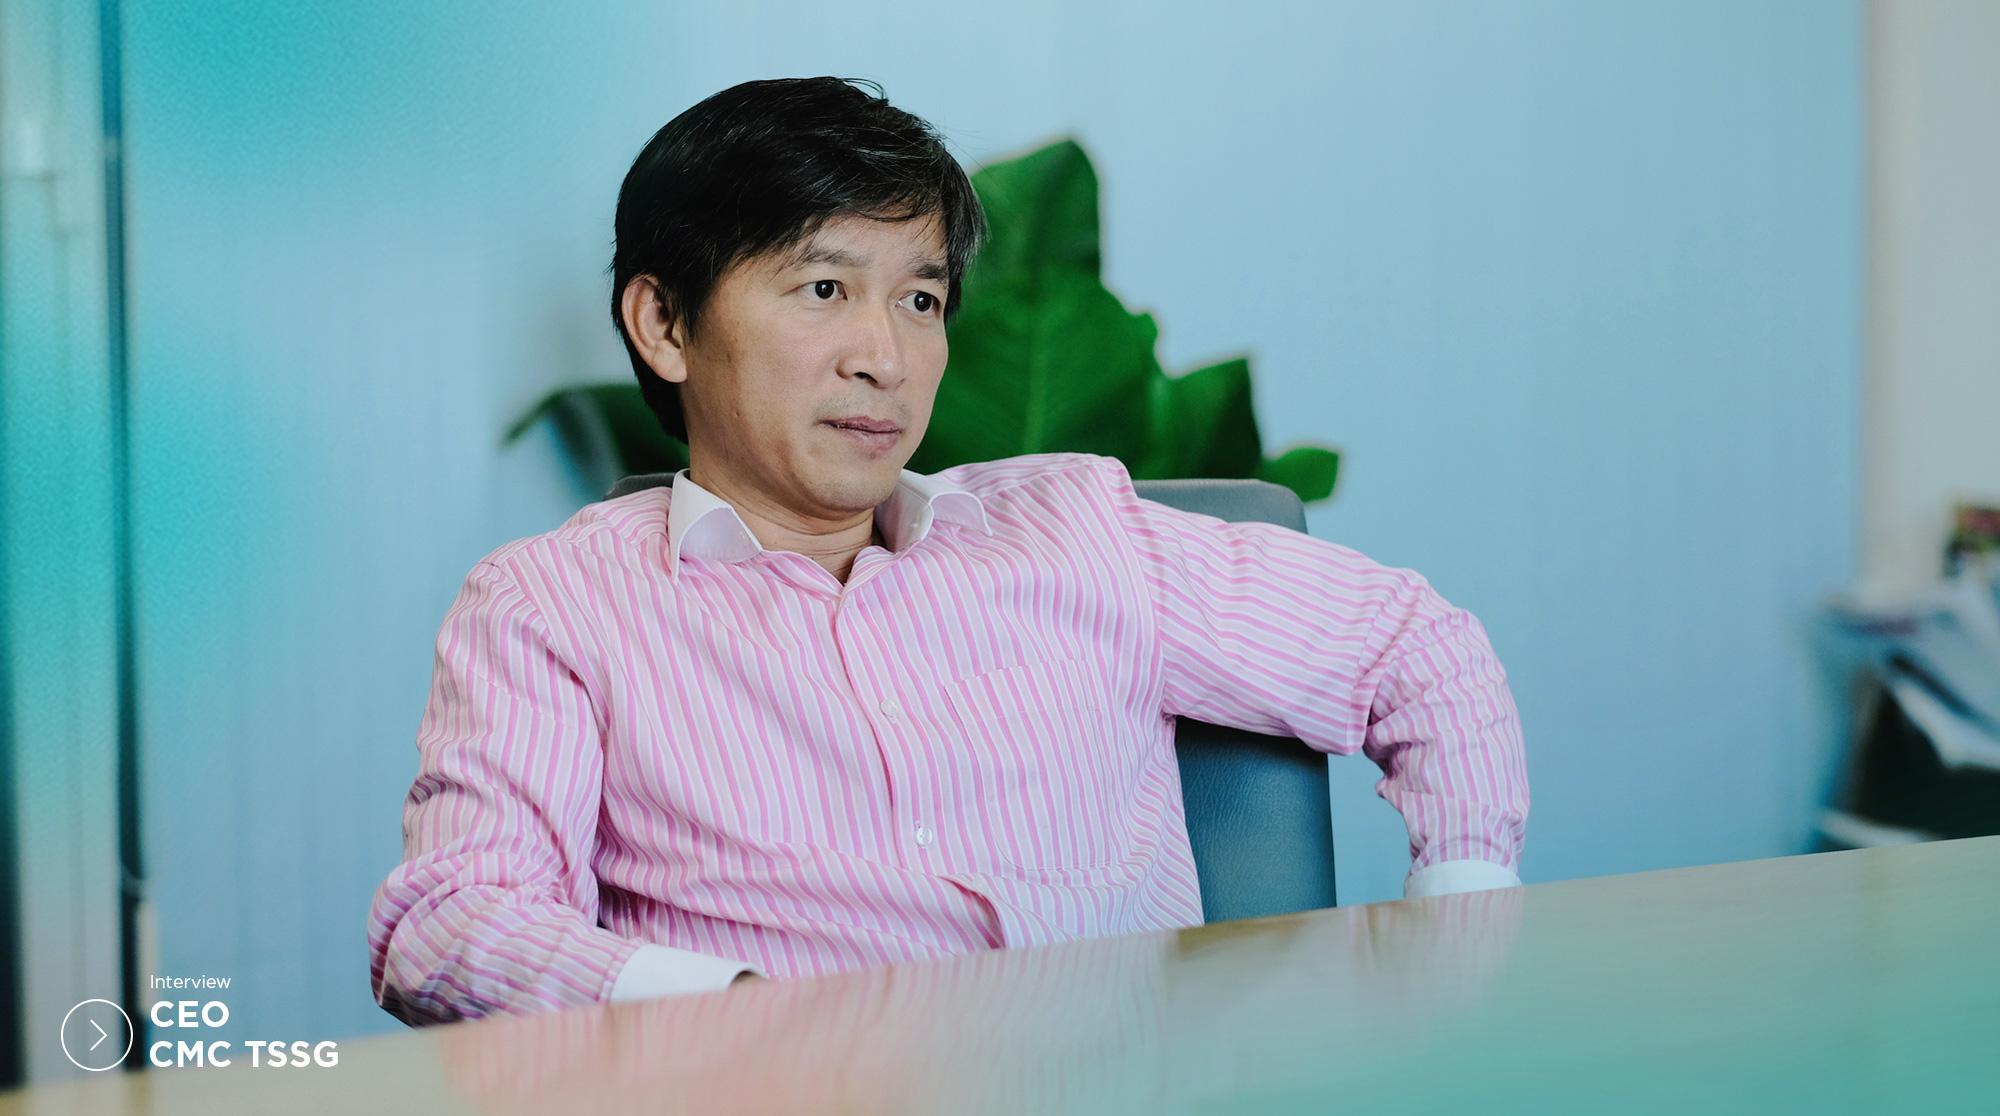 CEO CMC TSSG Đặng Thế Tài: Hệ thống quan trọng nhưng không phải vạn năng, người ra quyết định cuối cùng vẫn là con người - Ảnh 22.